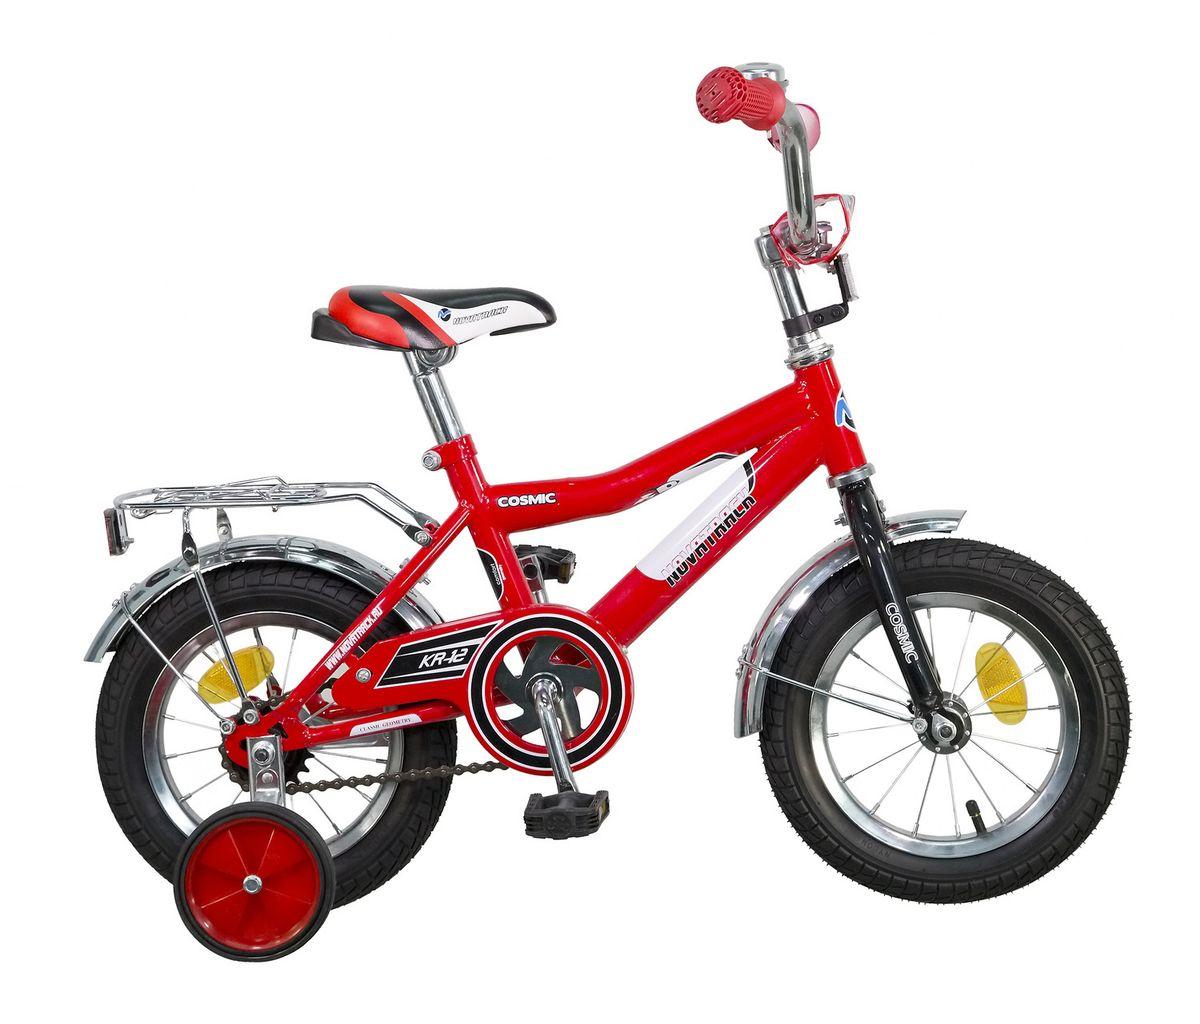 Велосипед детский Novatrack Cosmic, цвет: красный, белый, черный, 12 велосипед для организма